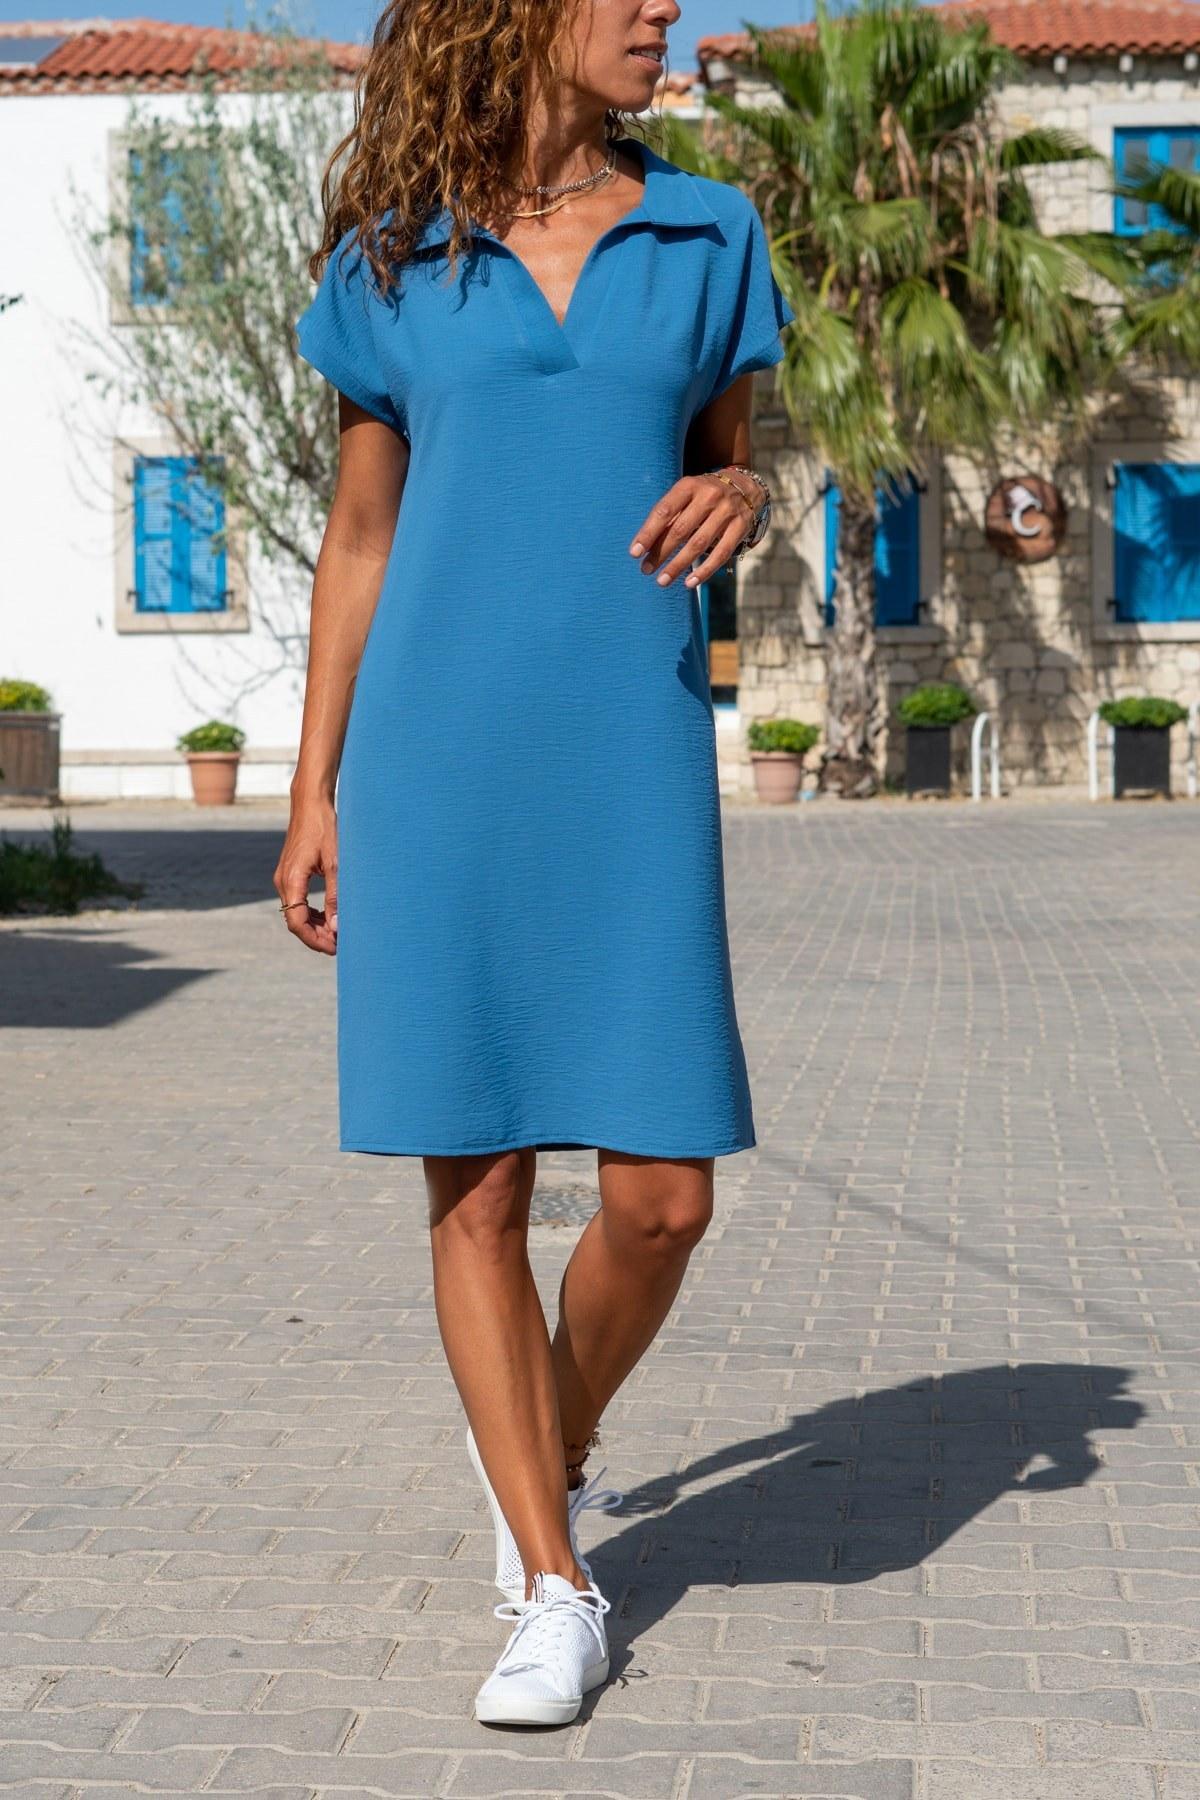 پیراهن زنانه یقه سه دکمه airobin برند Güneşkızı کد 1593243265